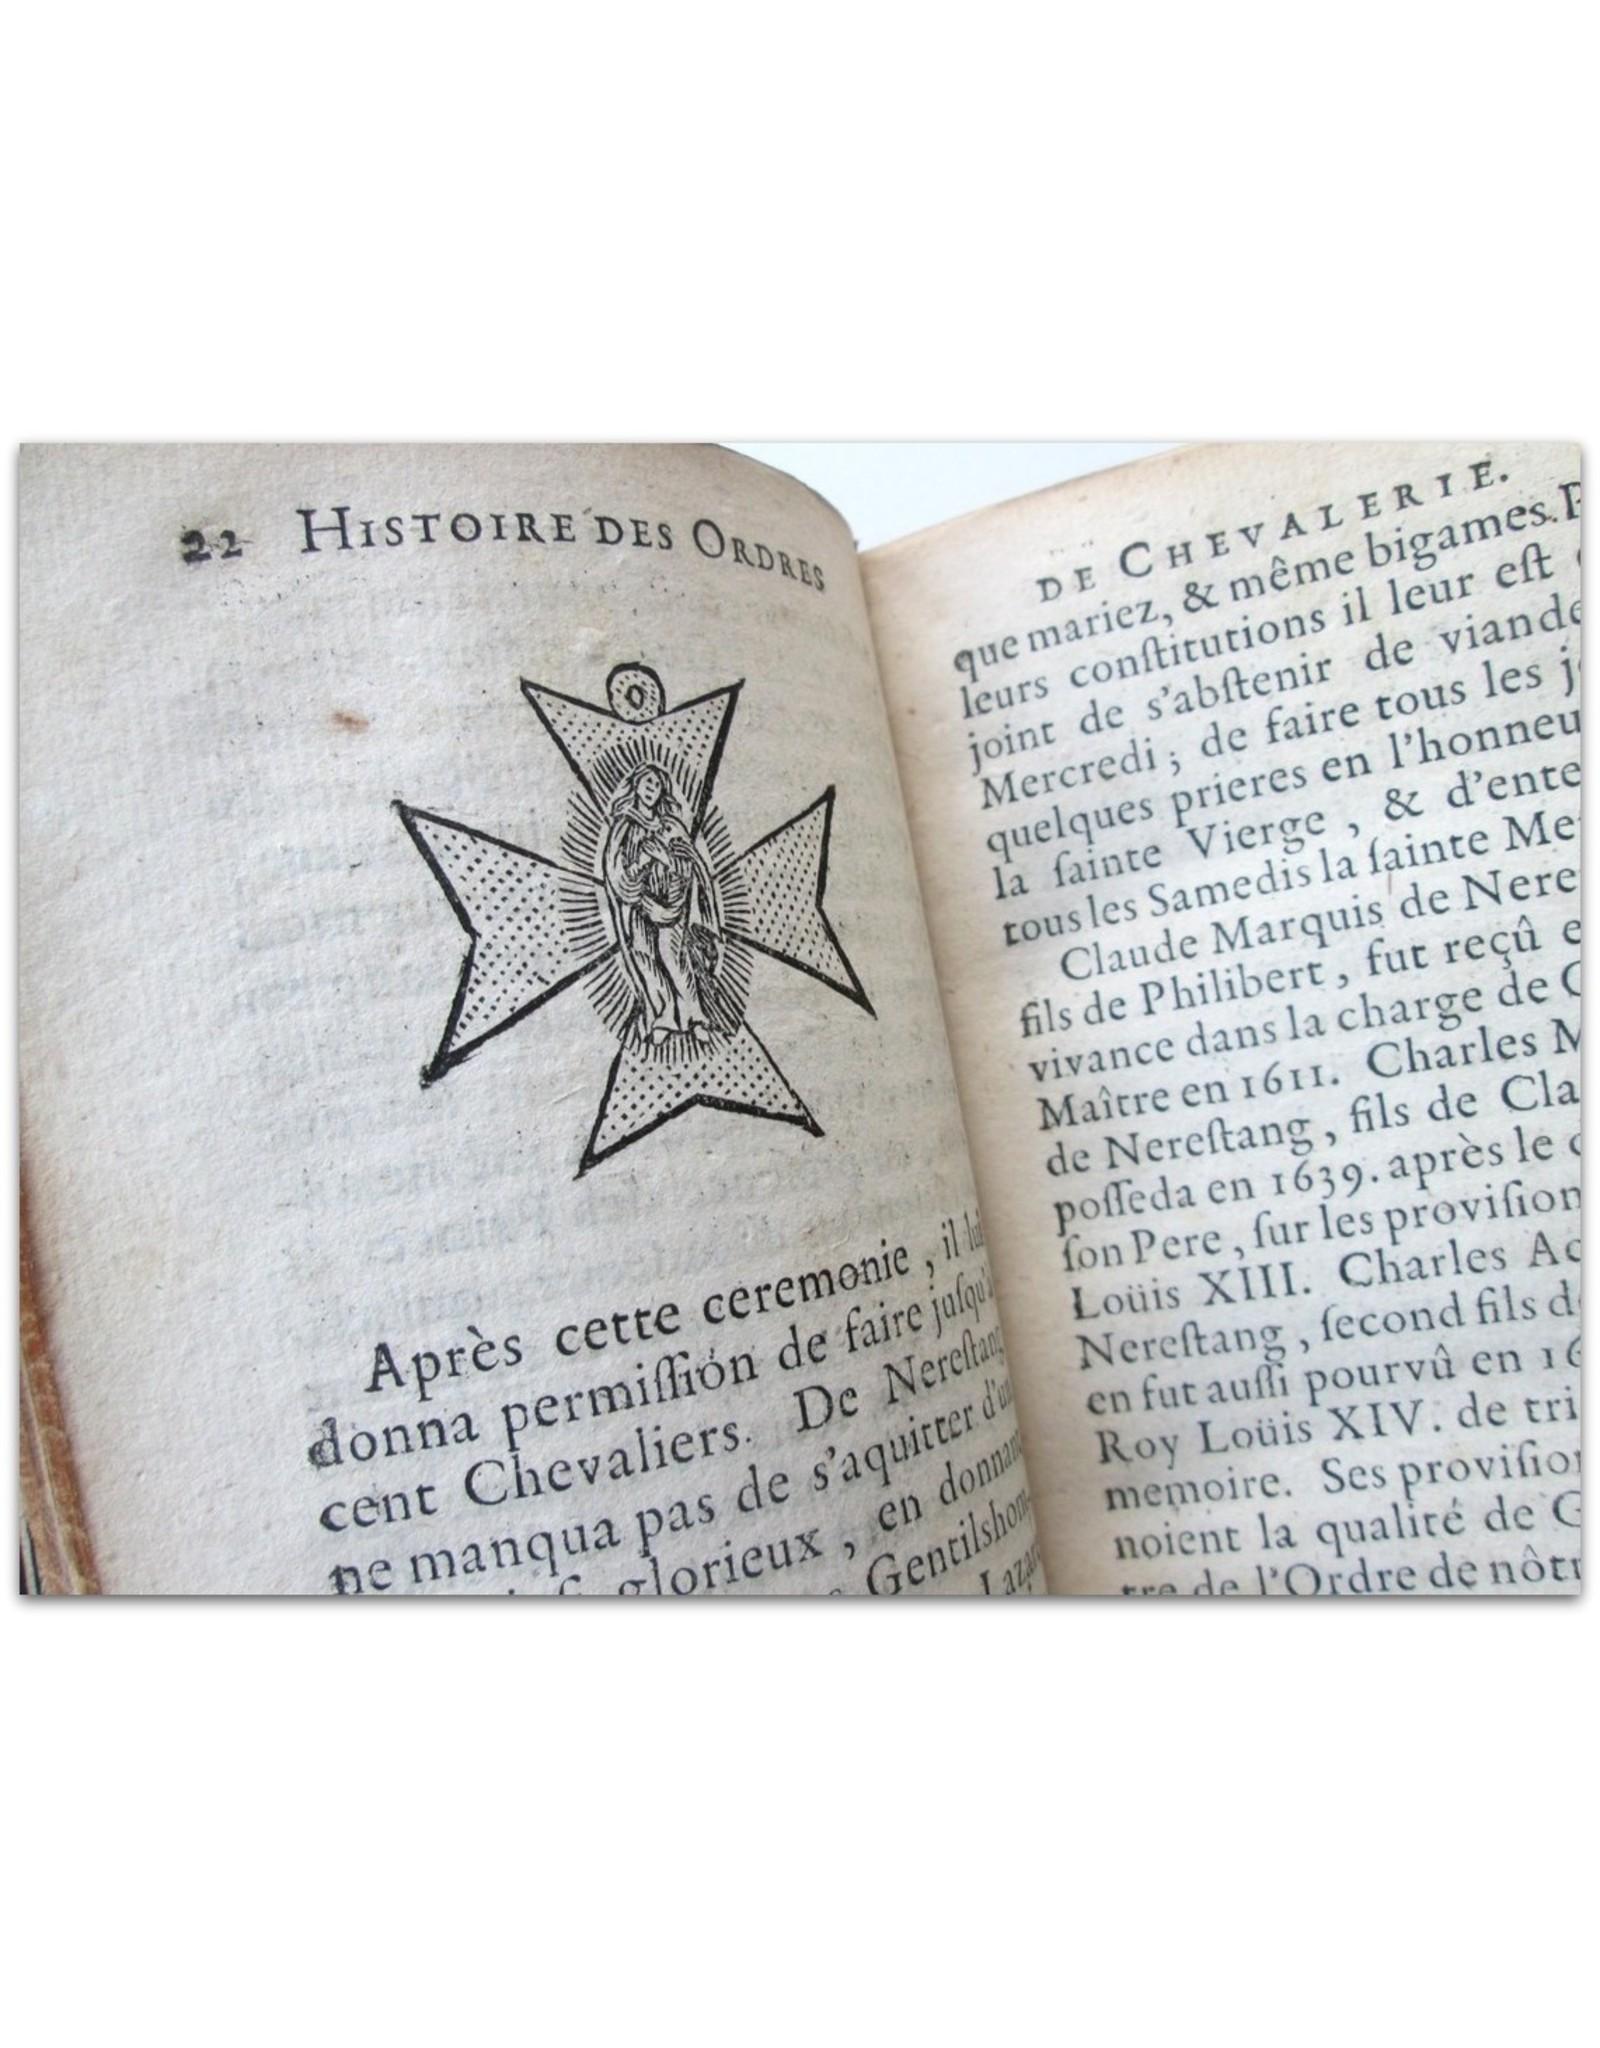 Monsieur Hermant - Histoire des religions ou ordres militaires de L'Eglise et des ordres de chevalerie. Dediée au Roy. [Complete set]